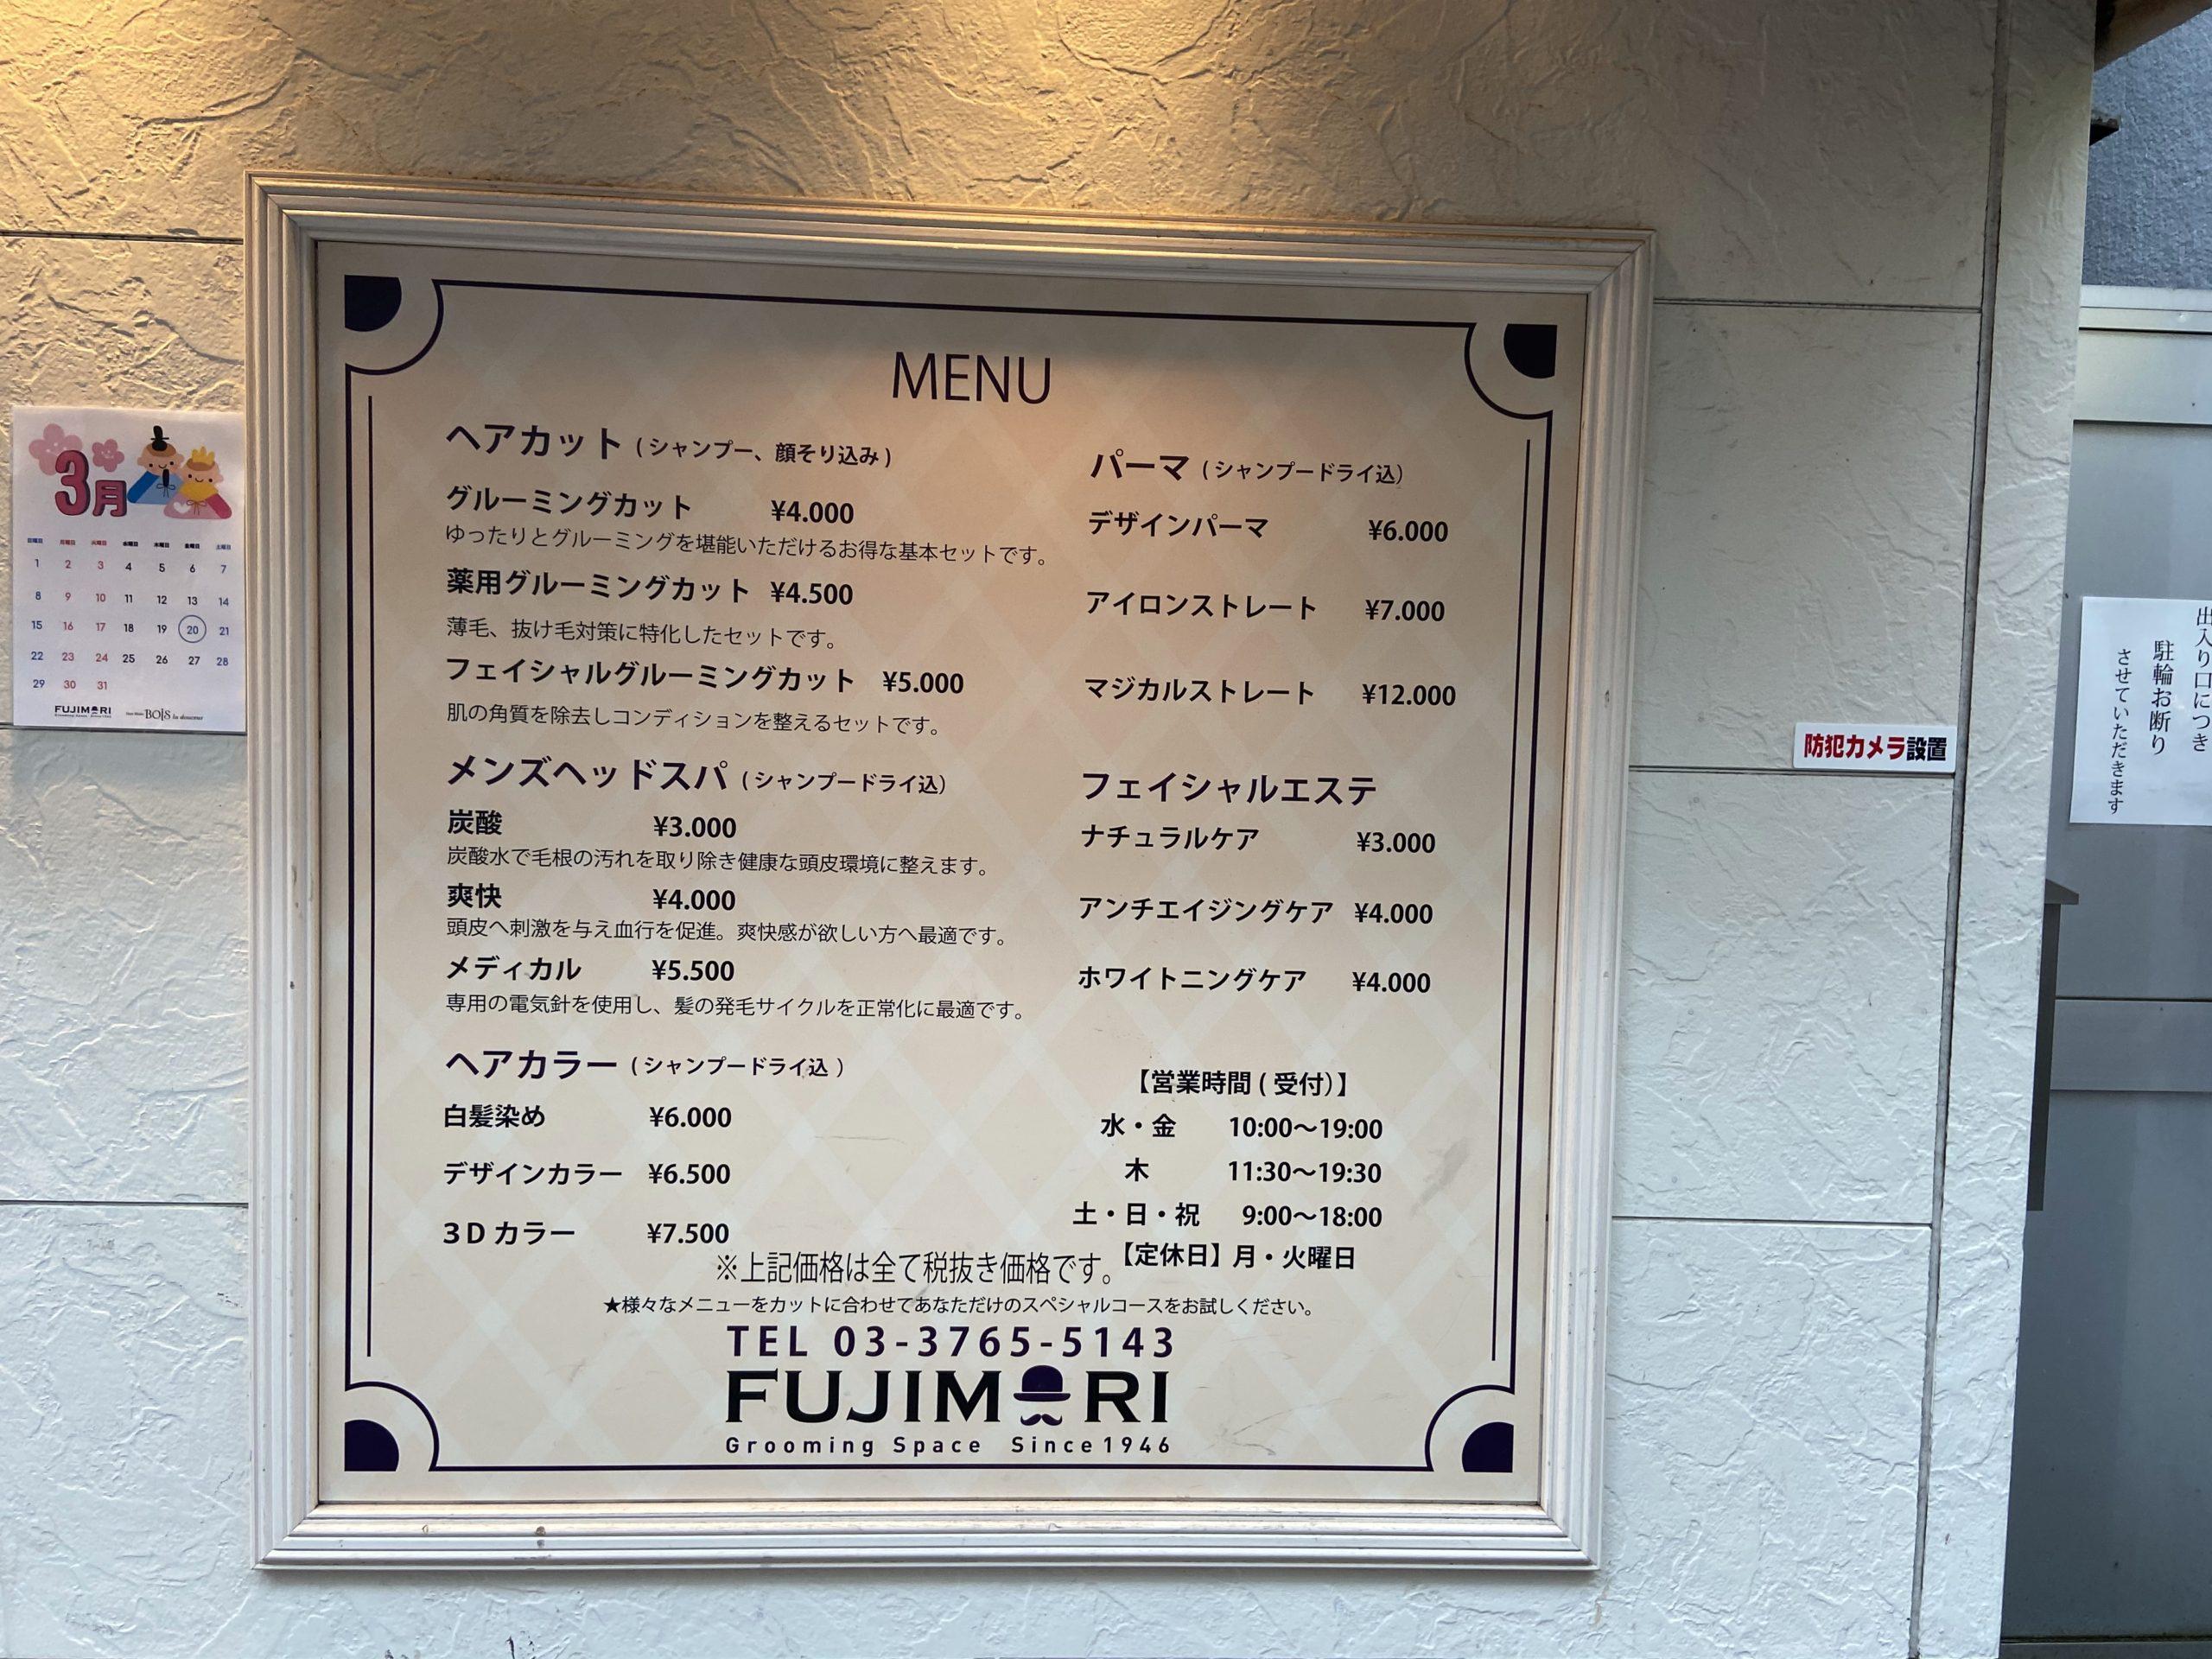 FUJIMORI メニュー